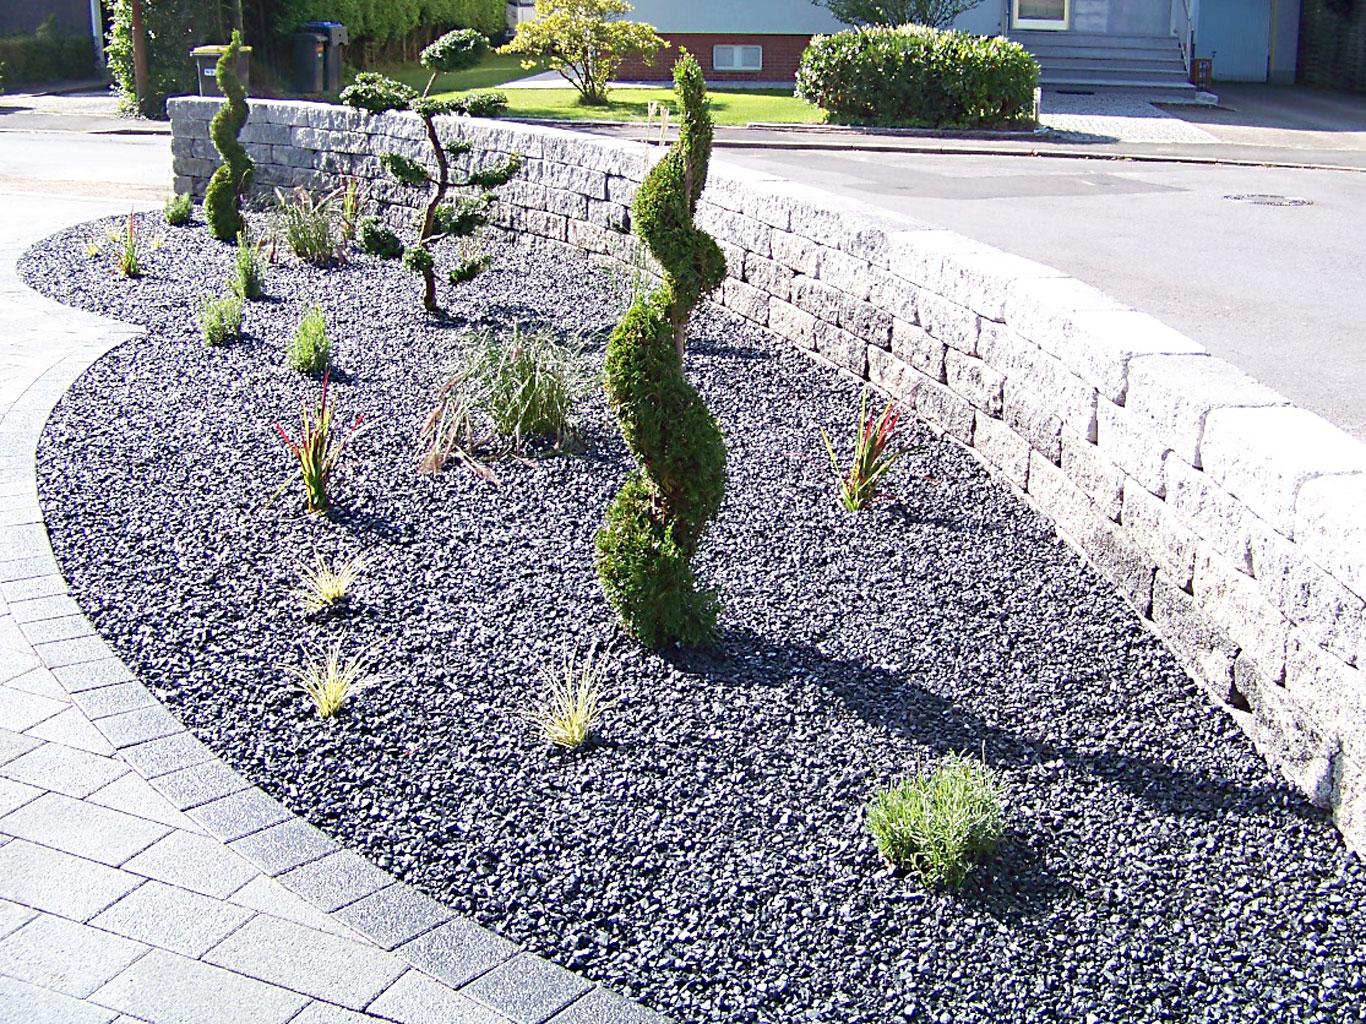 Gartenbau Vorgarten japanisch 1024